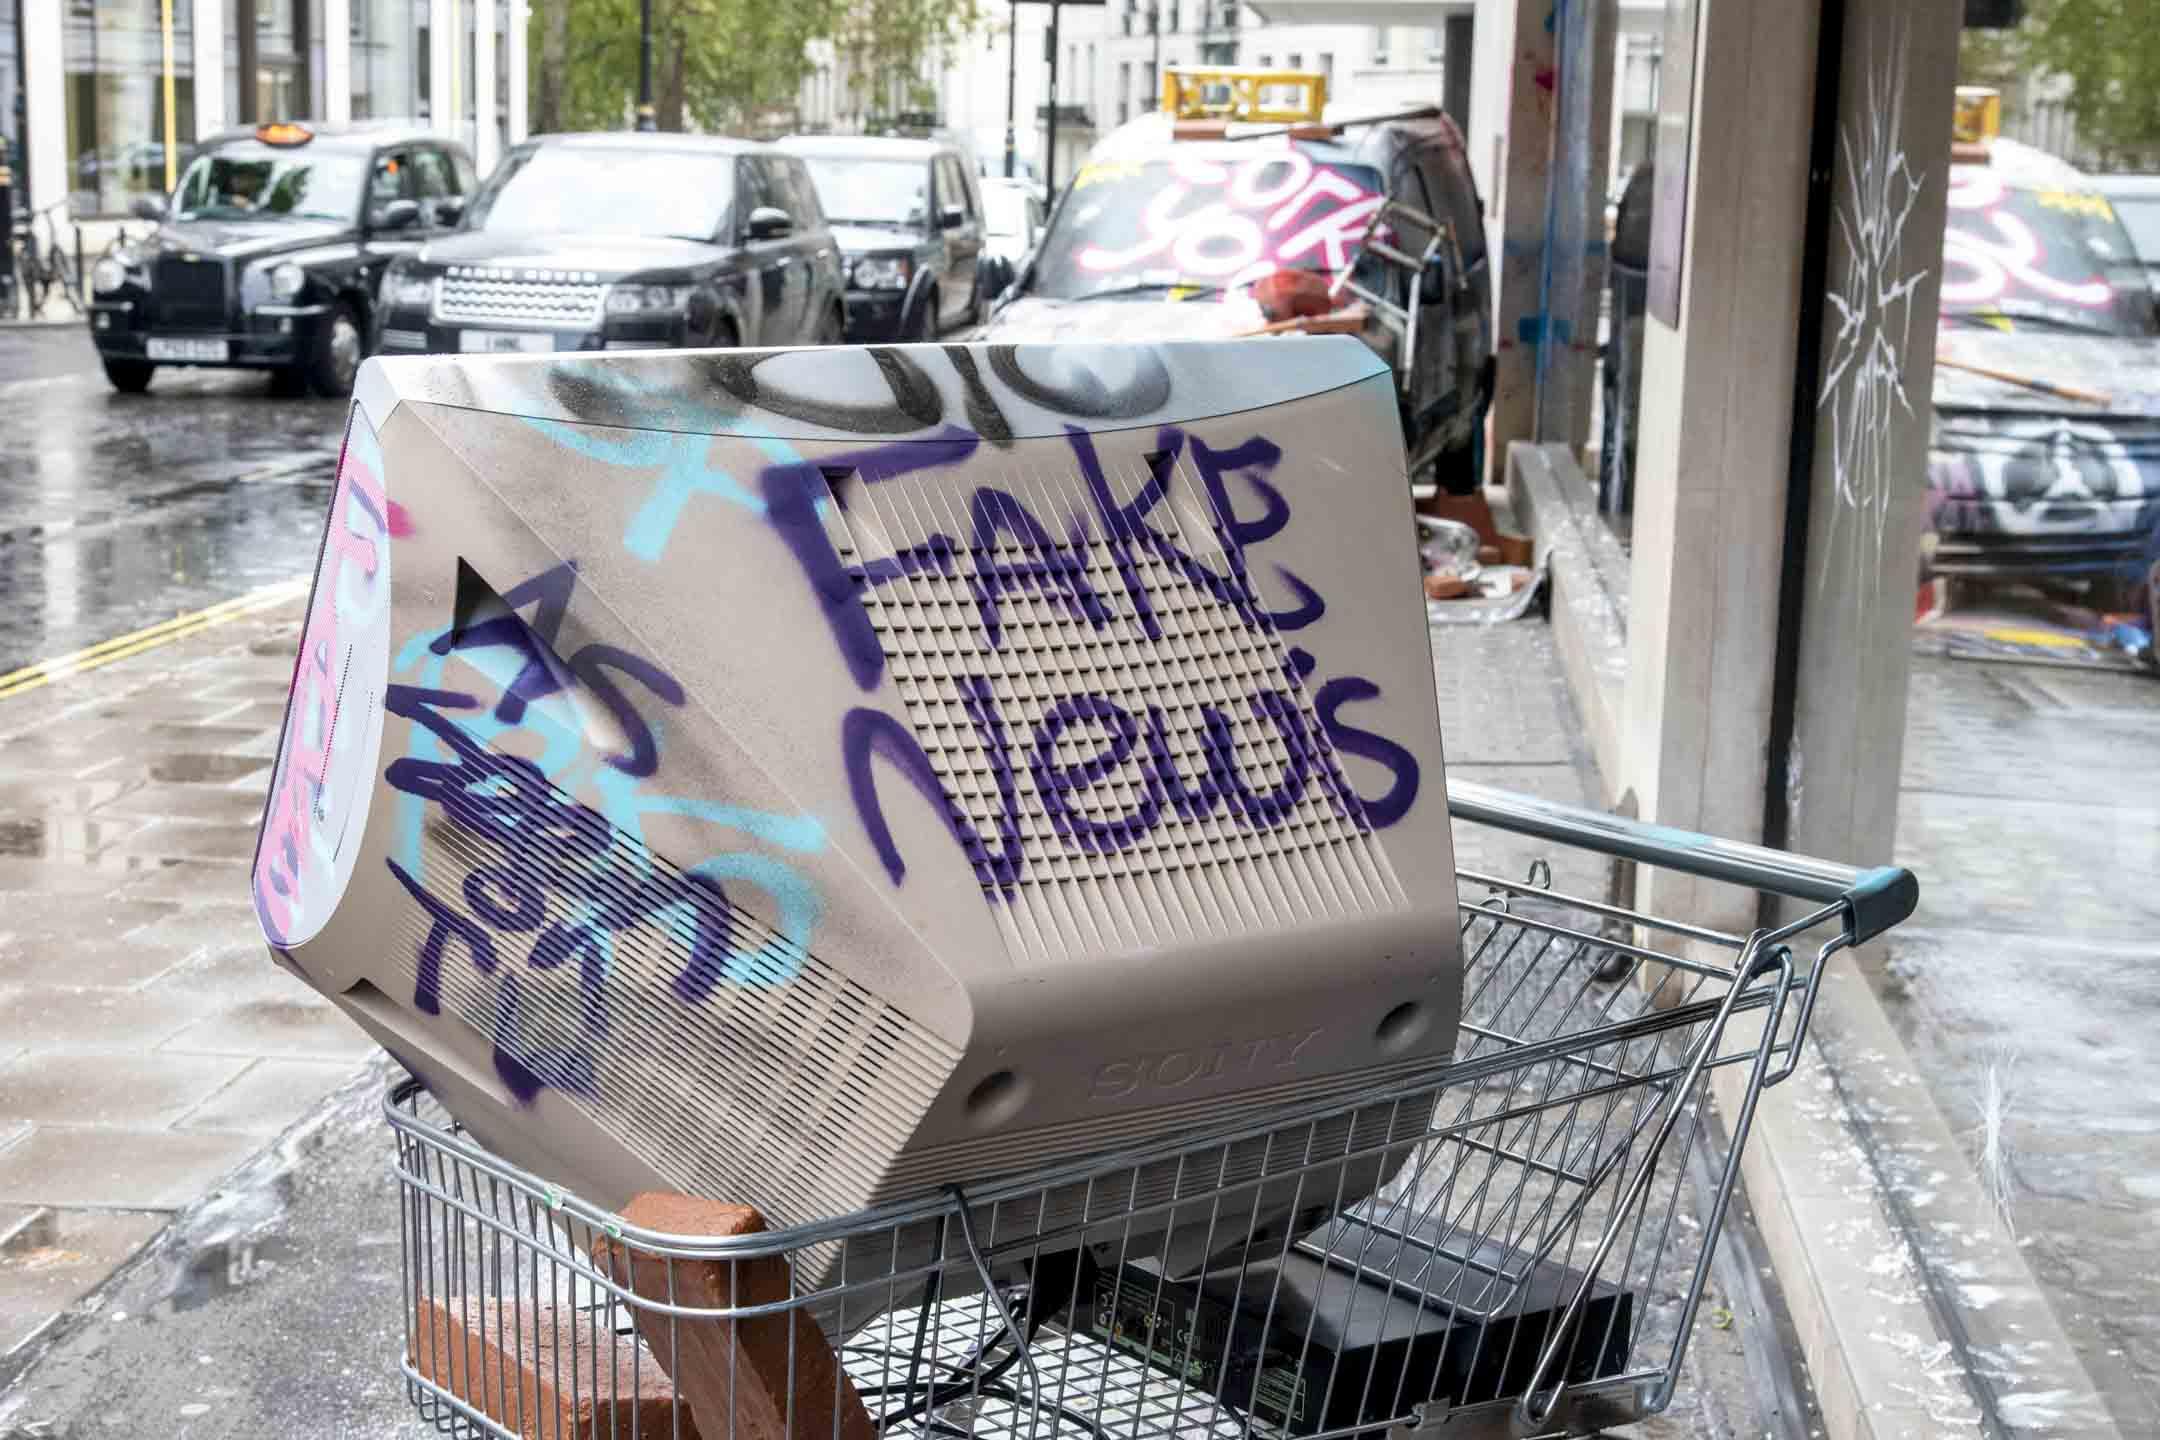 2020年10月8日,倫敦街上有架購物手推車上有一台電視,上面印有「假新聞」字樣。